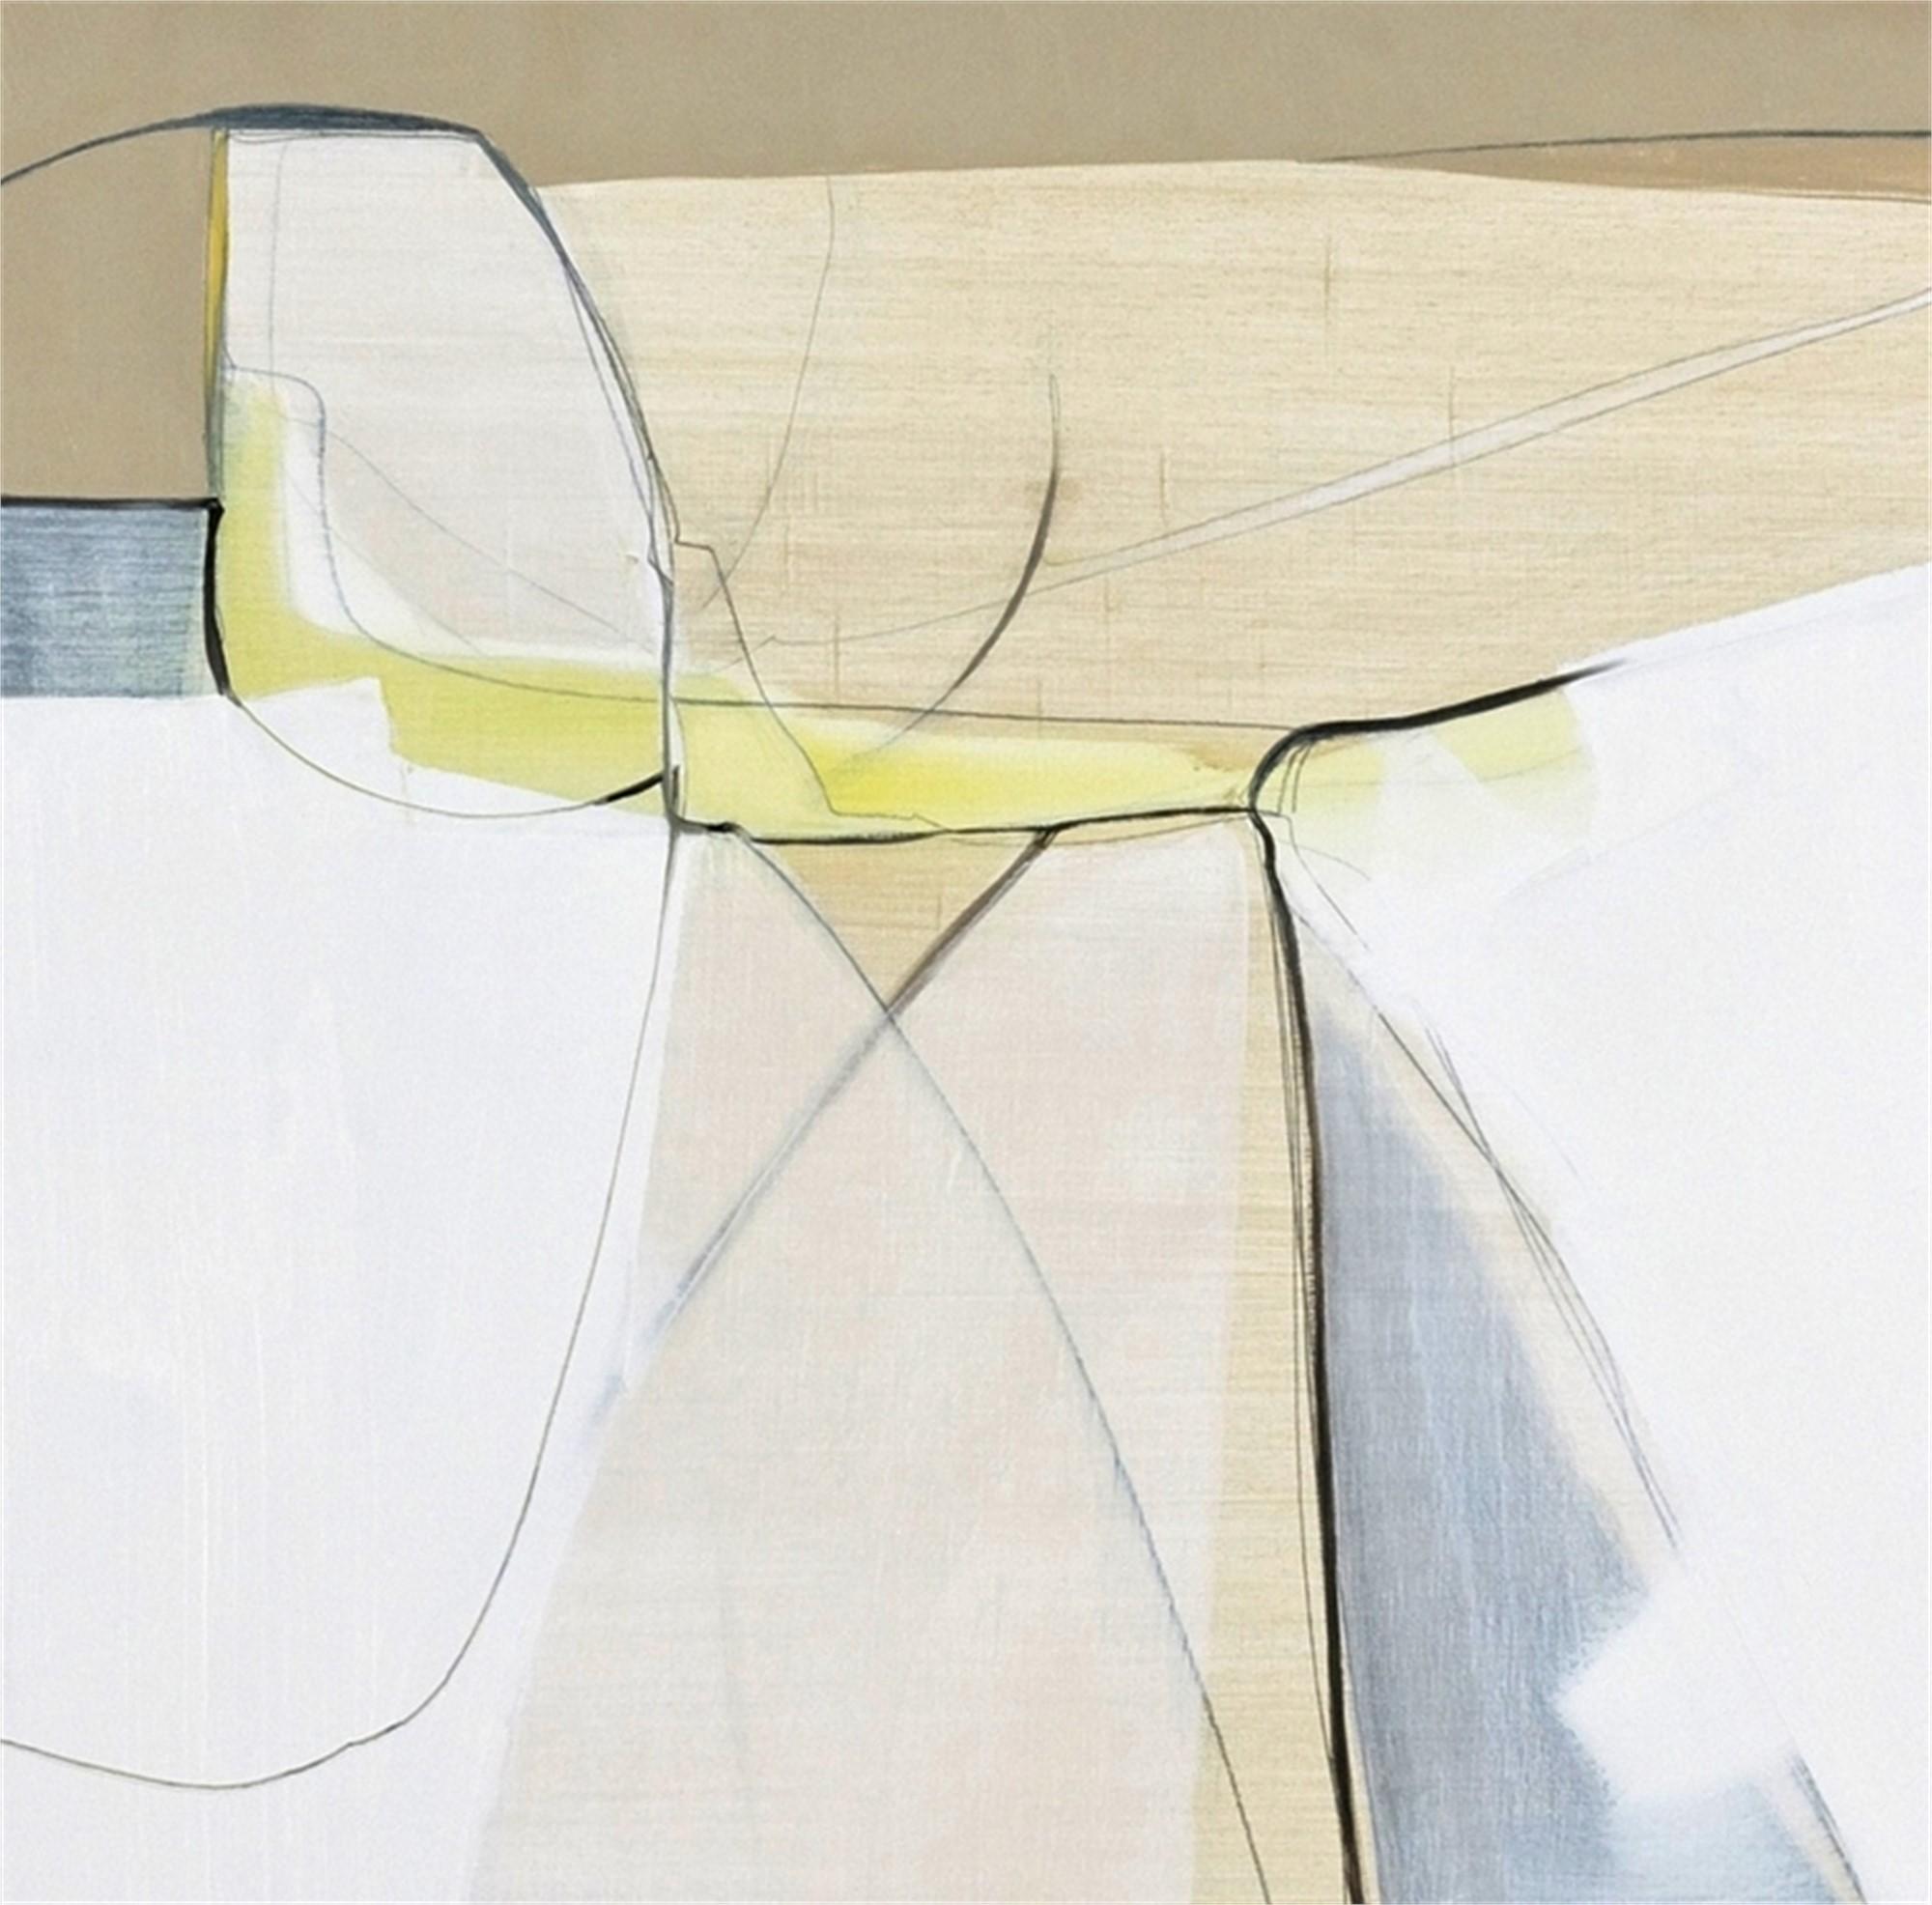 Blend Into by Rose Umerlik